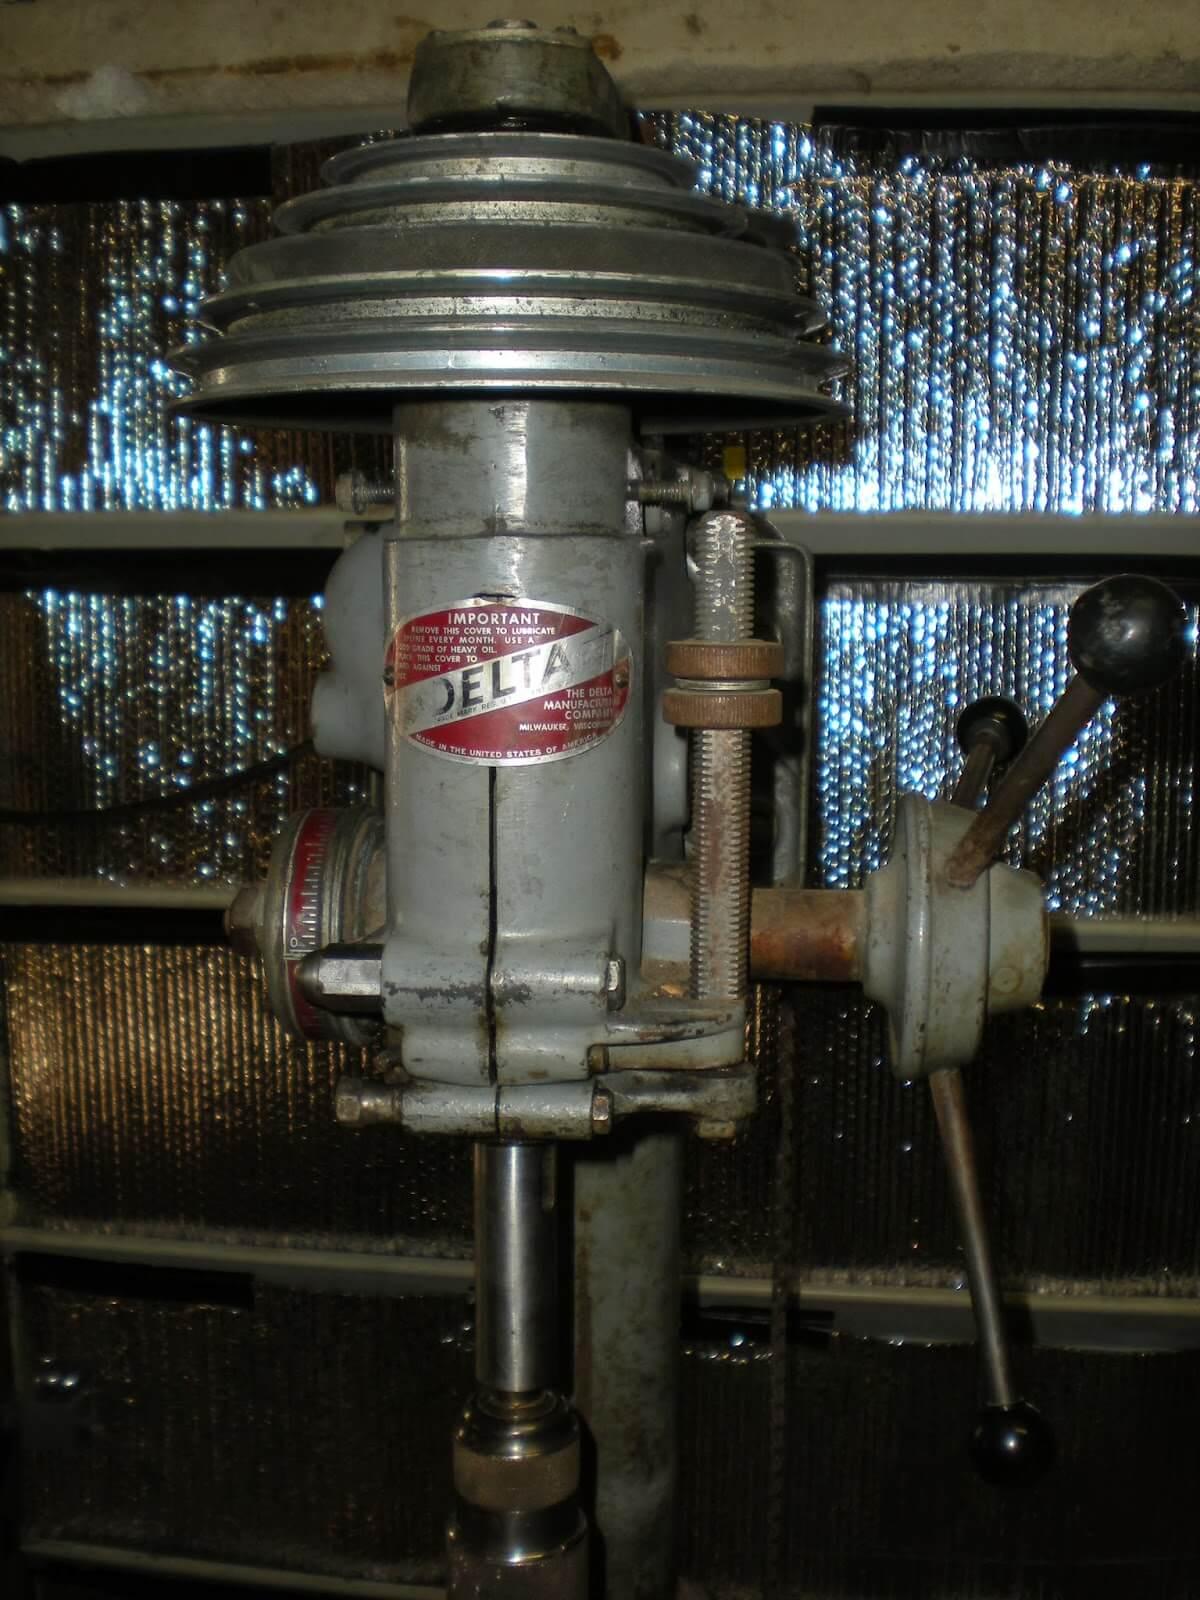 Delta Rockwell 17 Drill Press